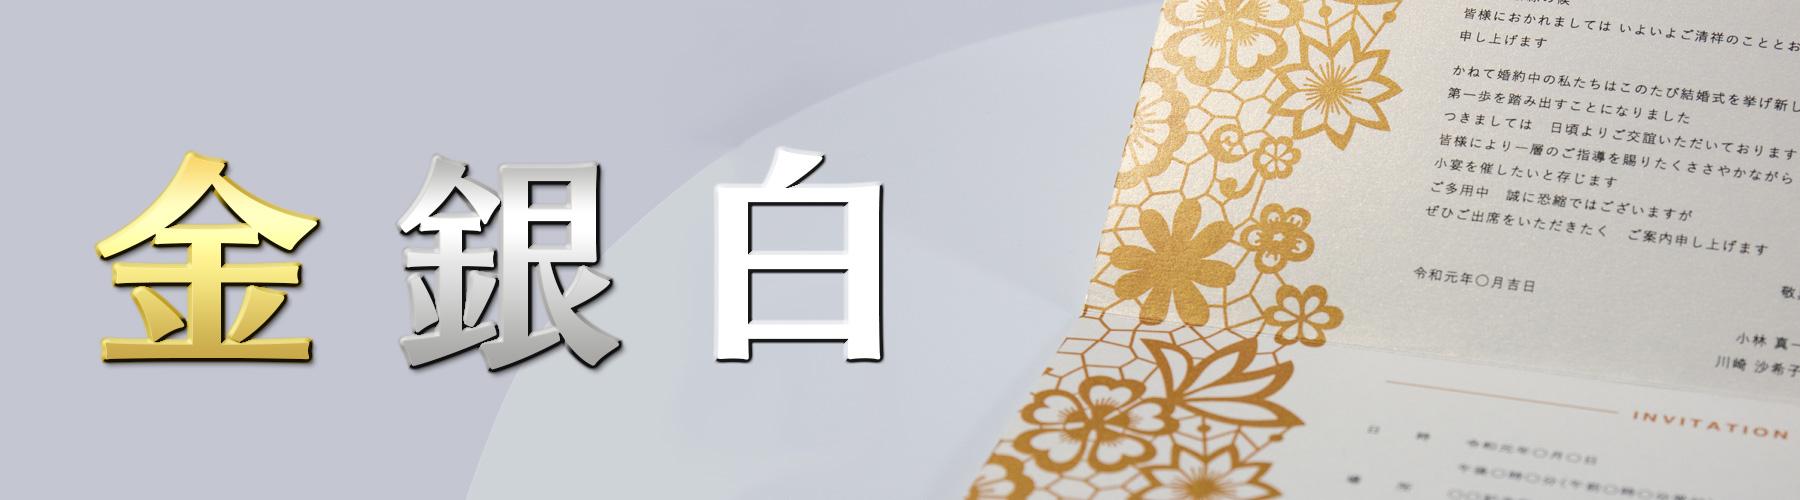 金・銀・白のオンデマンドイメージ